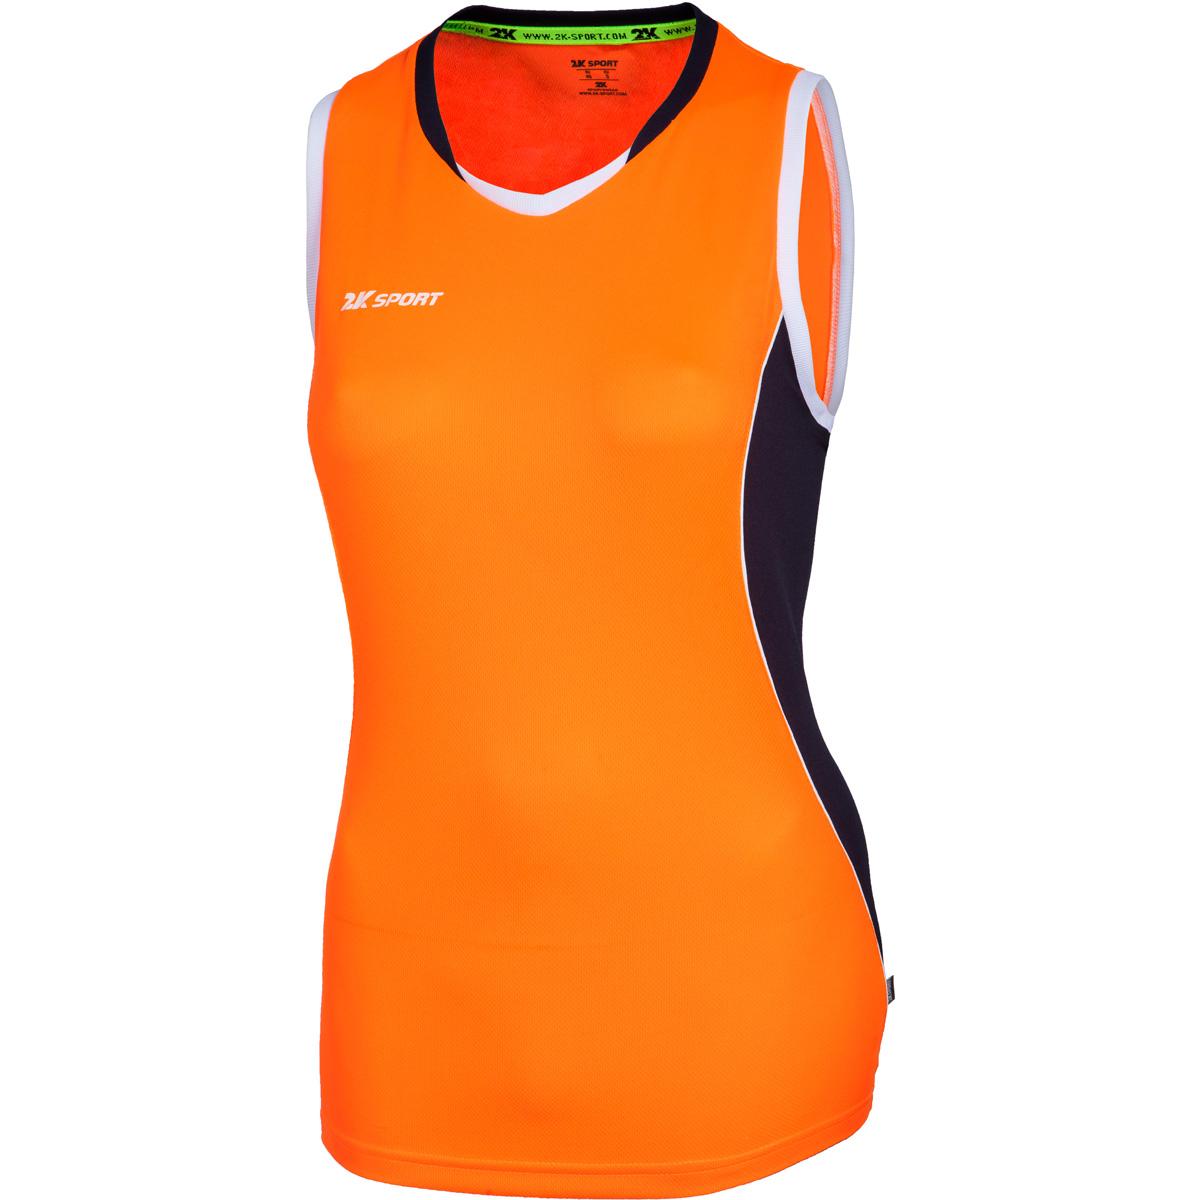 Майка баскетбольная женская 2K Sport Advance, цвет: оранжевый, темно-синий, белый. 130032. Размер M (44/46)130032_neon-orange/navy/whiteПрофессиональная баскетбольная игровая майка от 2K Sport создана для того, чтобы вам ничего не мешало демонстрировать великолепную игру на паркете против самых грозных соперников. Полуприлегающий силуэт подчеркивает женственную фигуру и обеспечивает комфорт во время движения. Оригинальные цветовые решения для красивых побед.